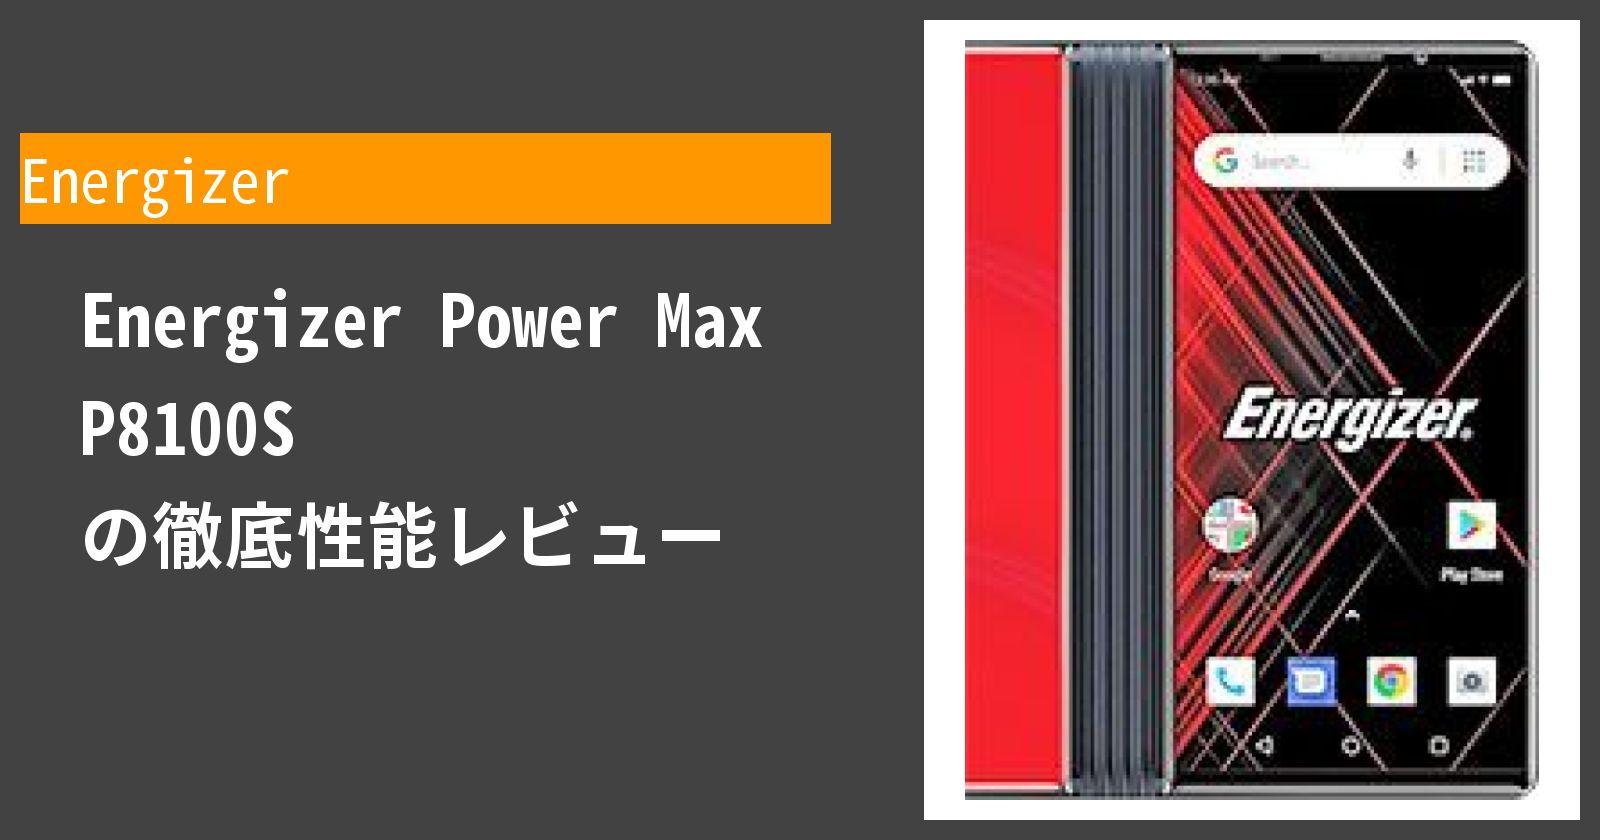 Energizer Power Max P8100S の徹底性能レビュー